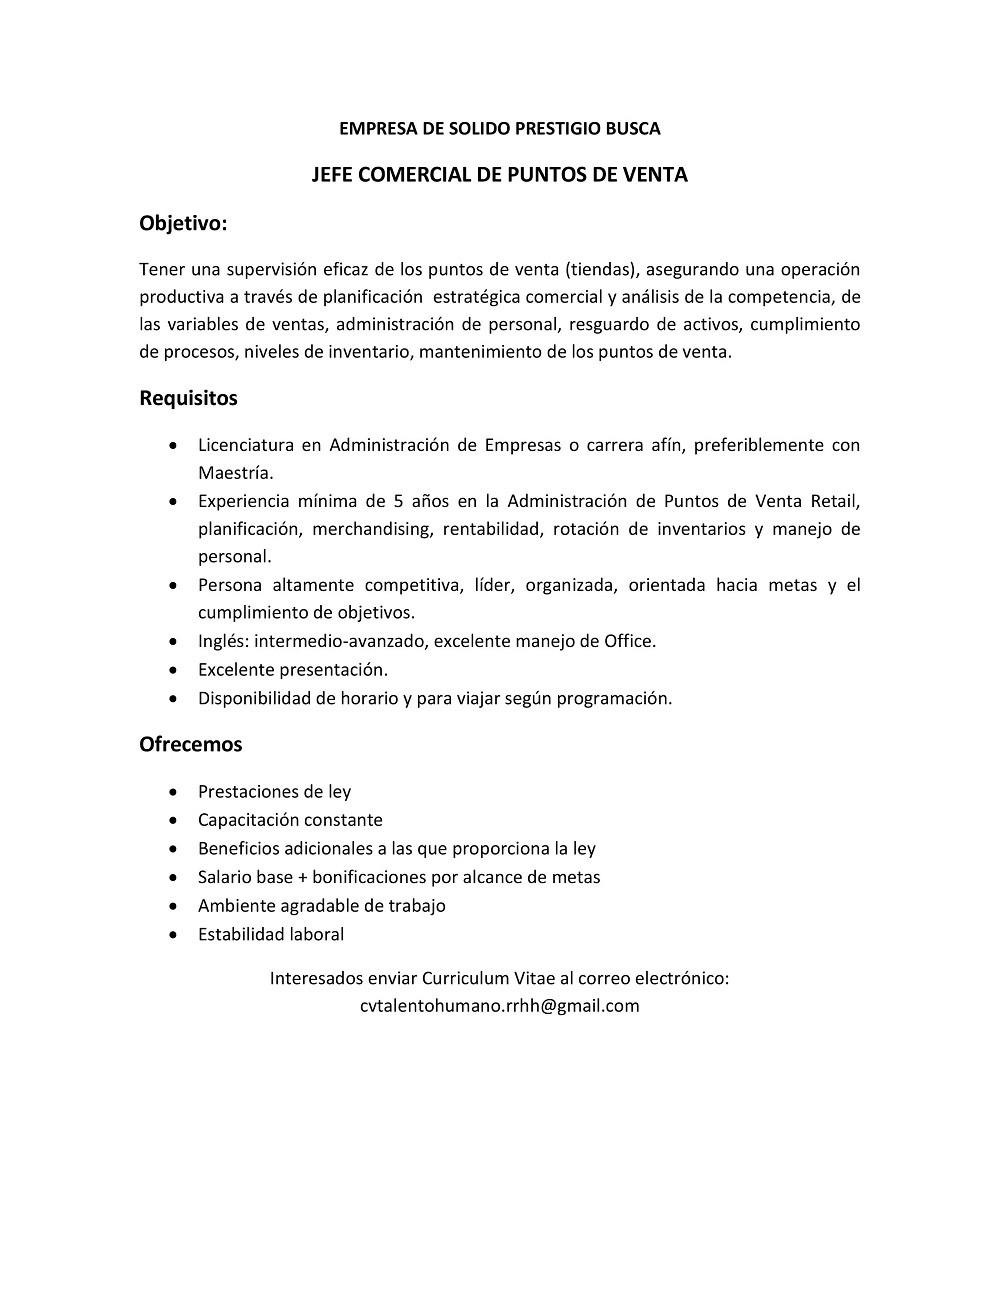 JEFE COMERCIAL DE PUNTOS DE VENTA | Colegio